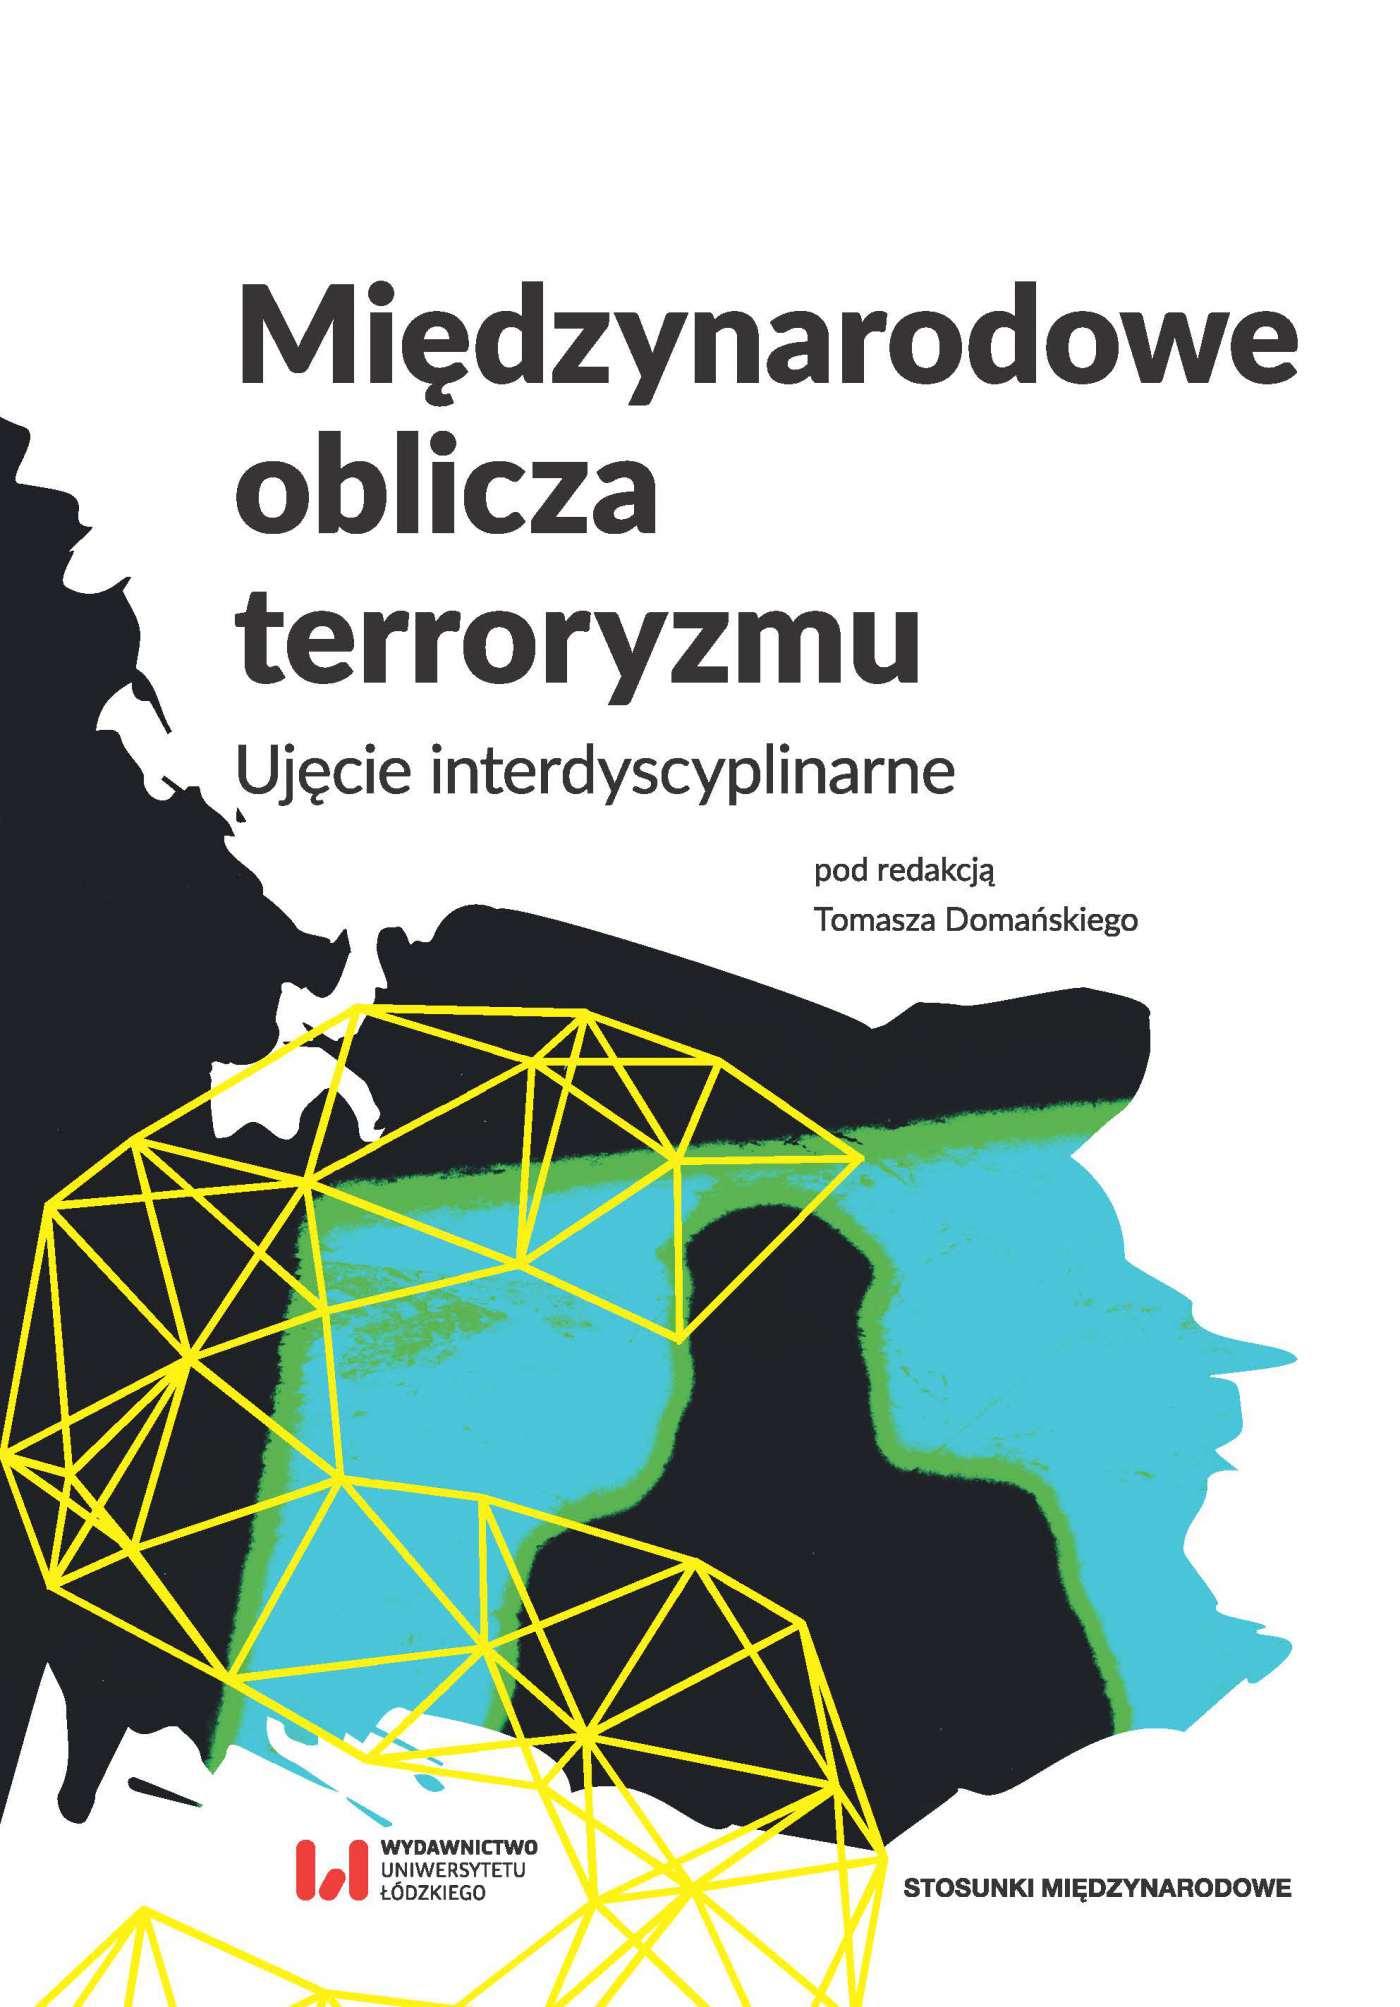 Międzynarodowe oblicza terroryzmu. Ujęcie interdyscyplinarne - Ebook (Książka PDF) do pobrania w formacie PDF